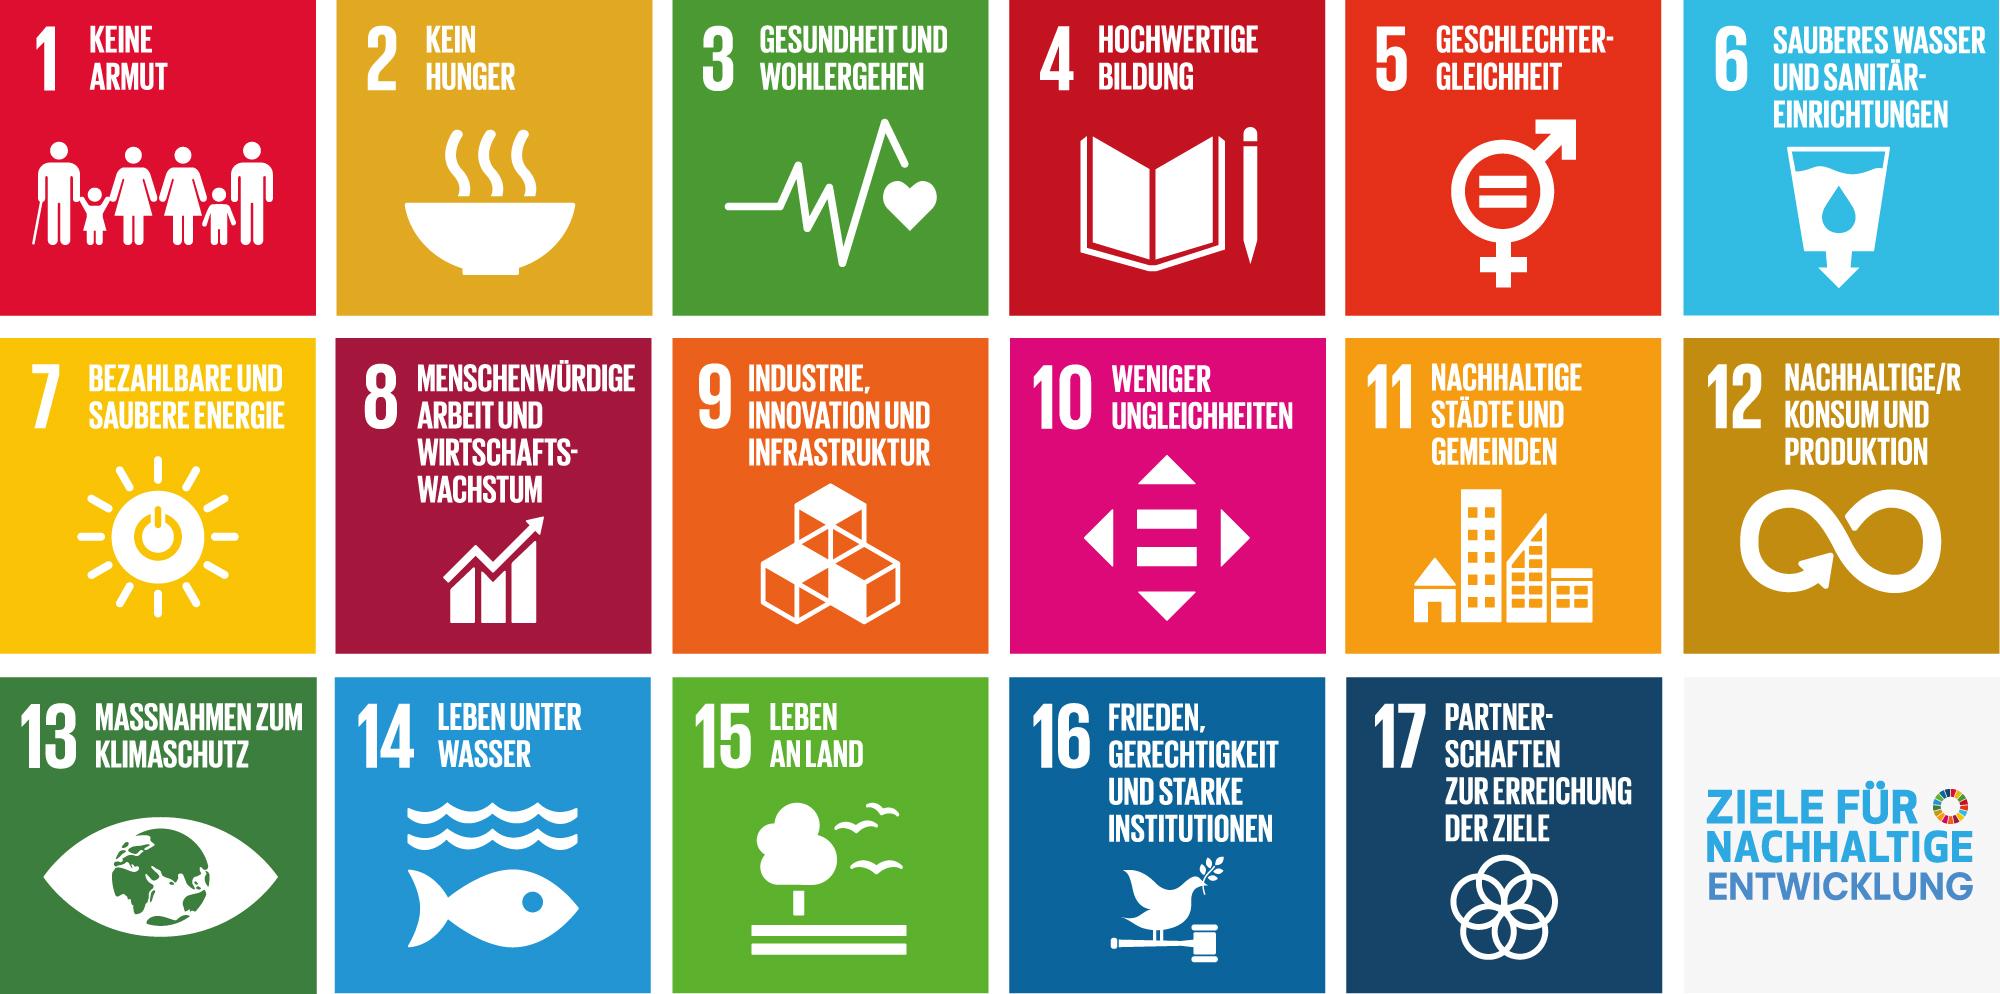 Grafik: 17 Ziele für nachhaltige Entwicklung